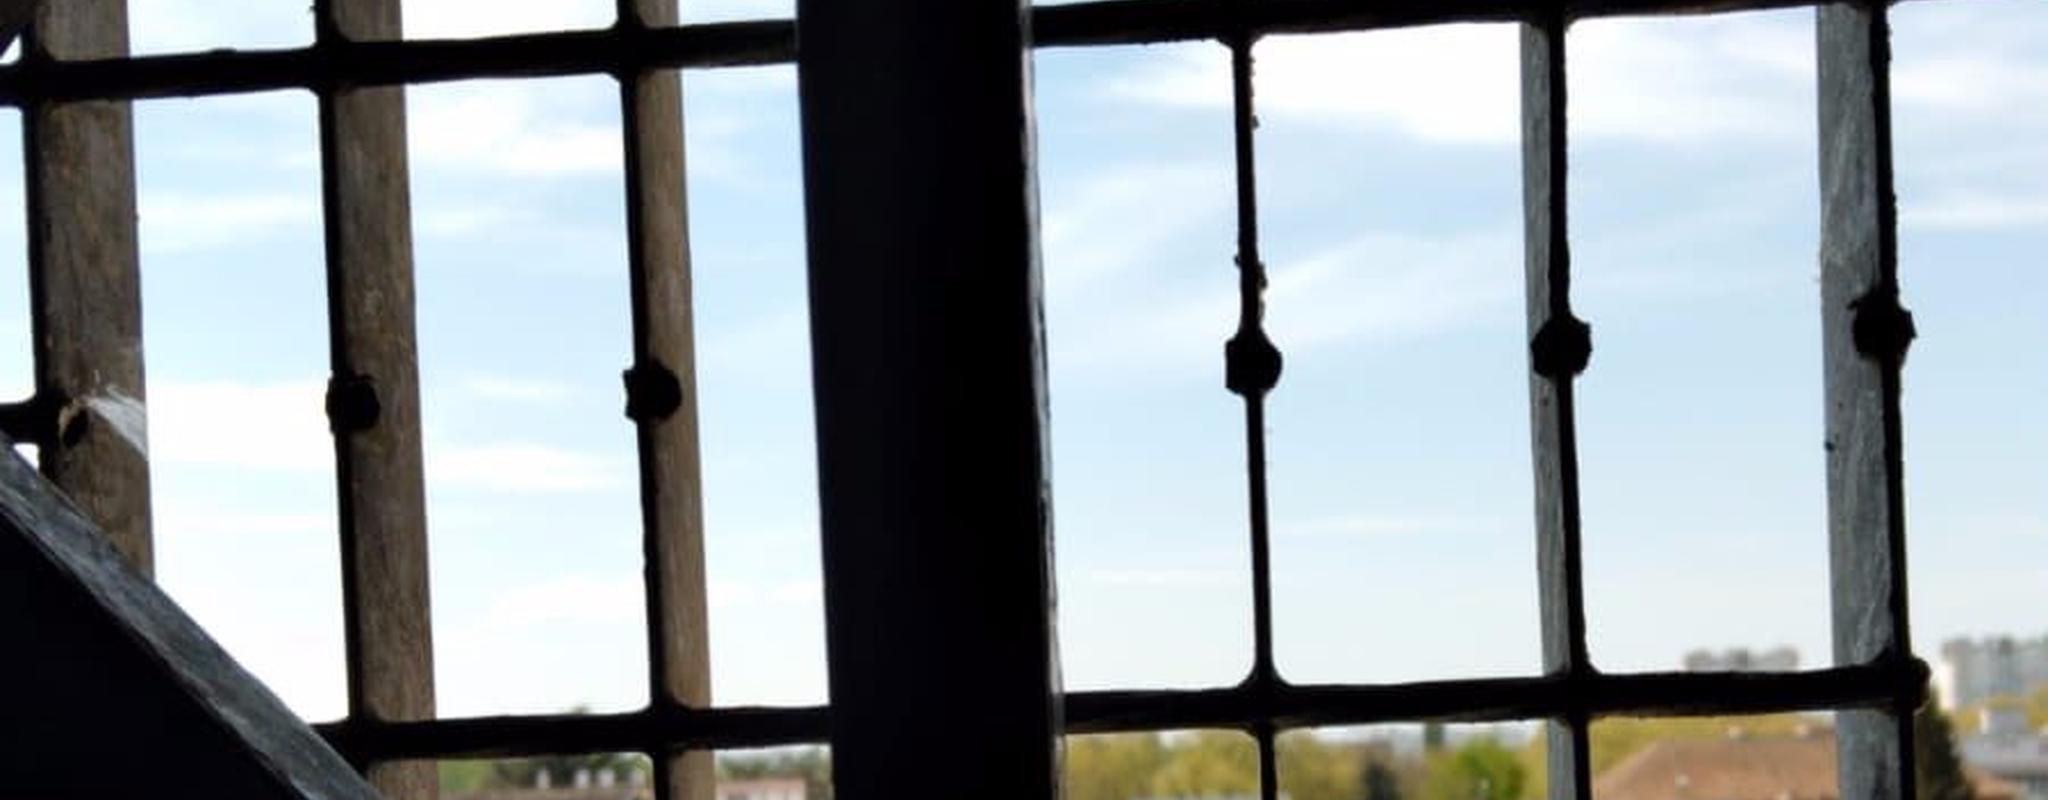 Confinement à la prison de Strasbourg, solitude des détenus et inquiétude des surveillants